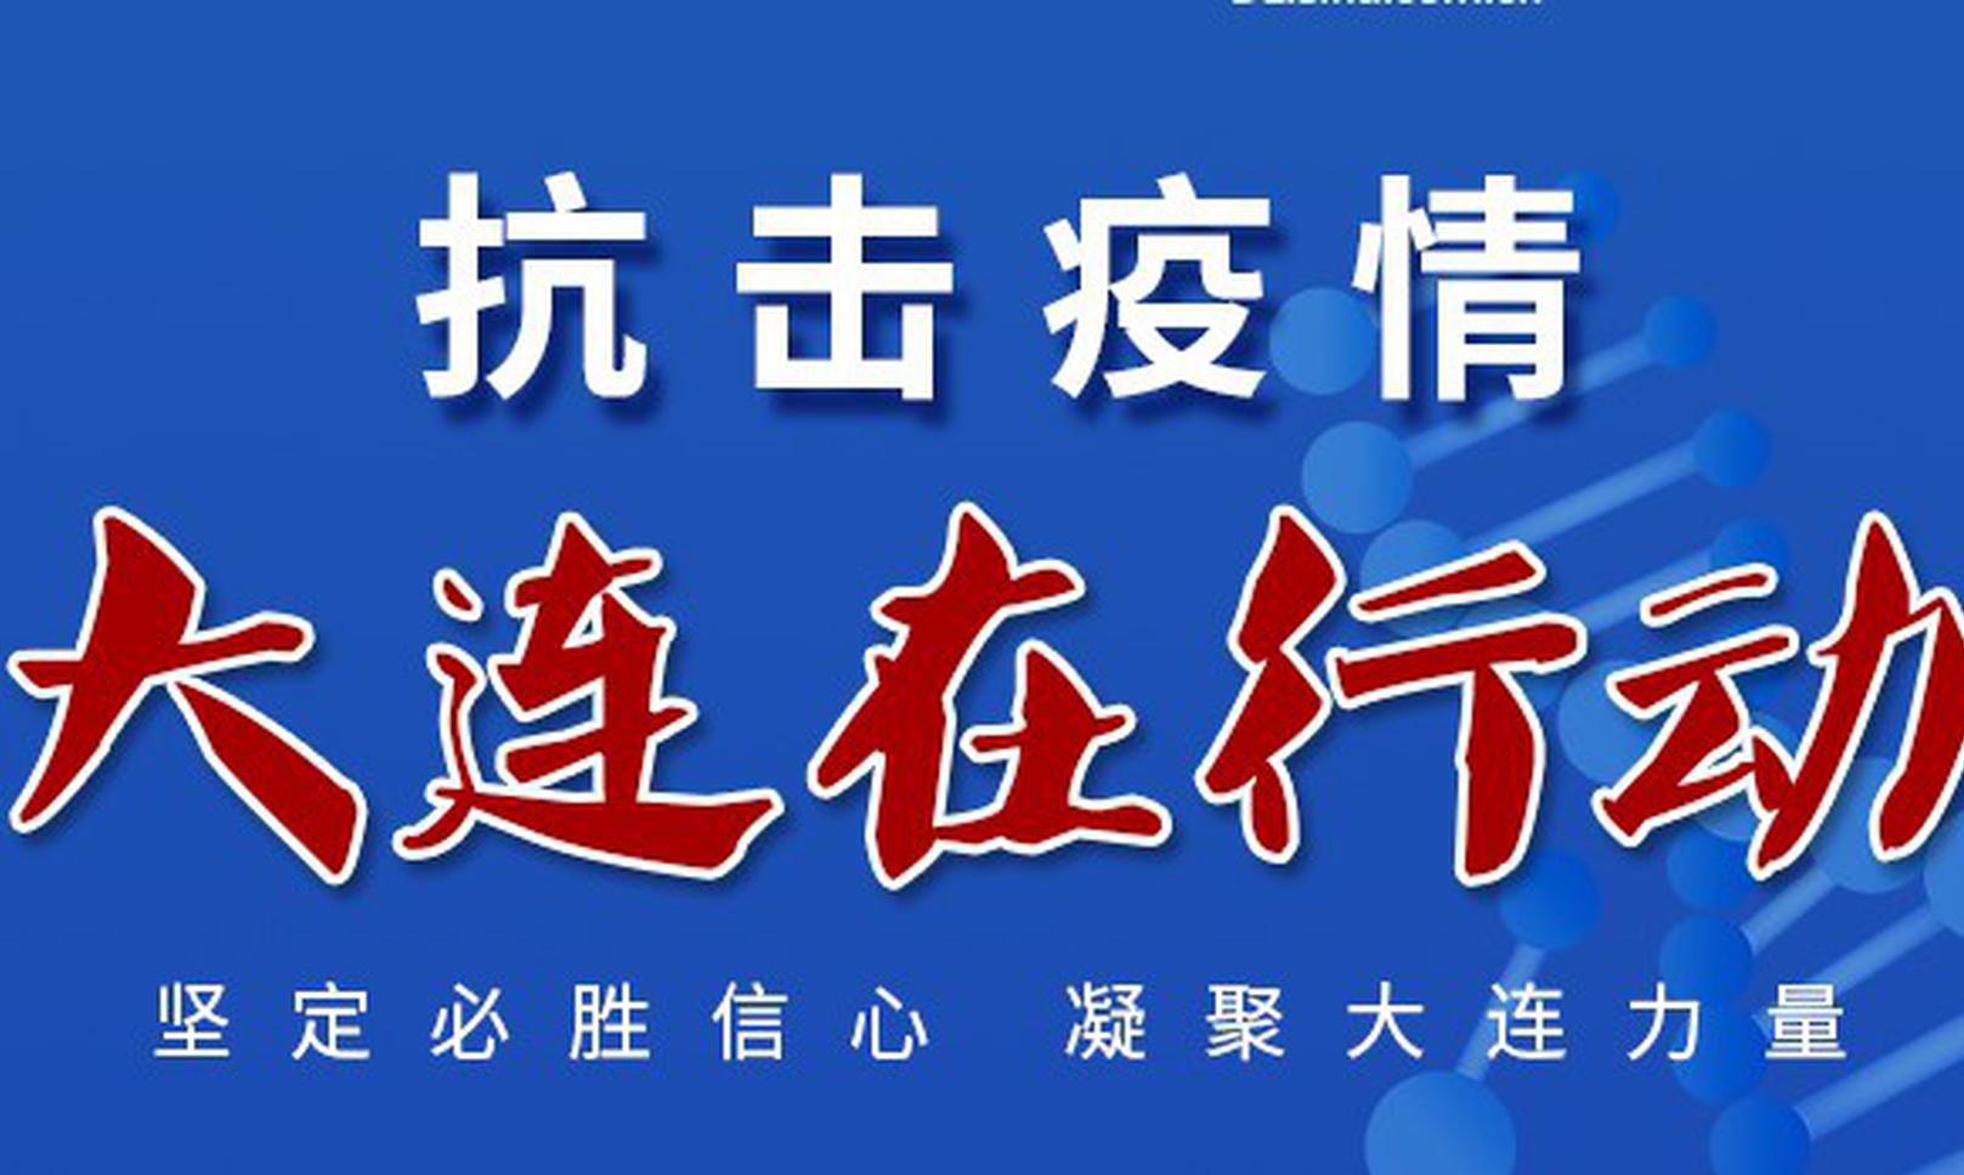 谭作钧:他们是大连700万市民的骄傲!